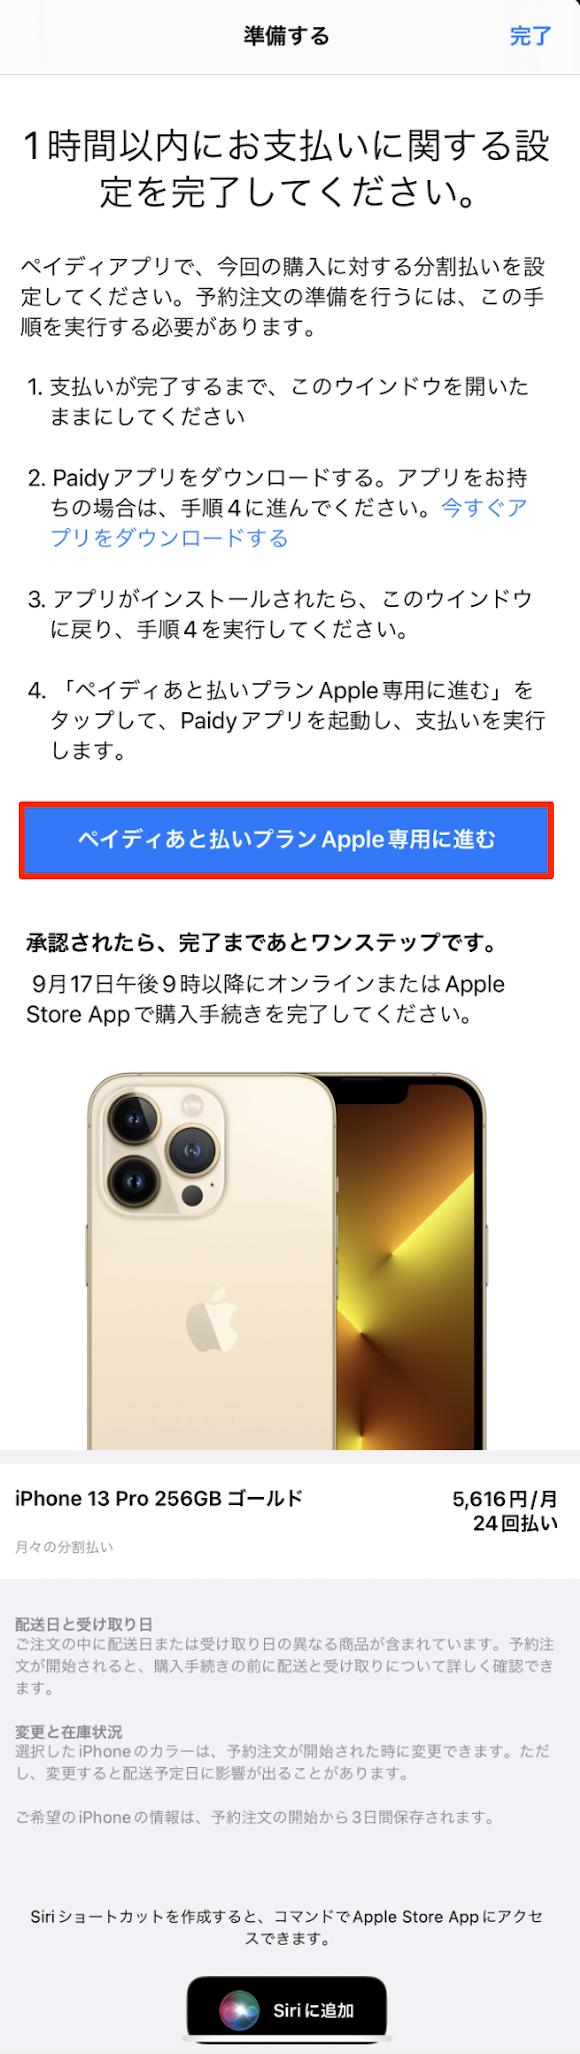 Paidy_app_3_1